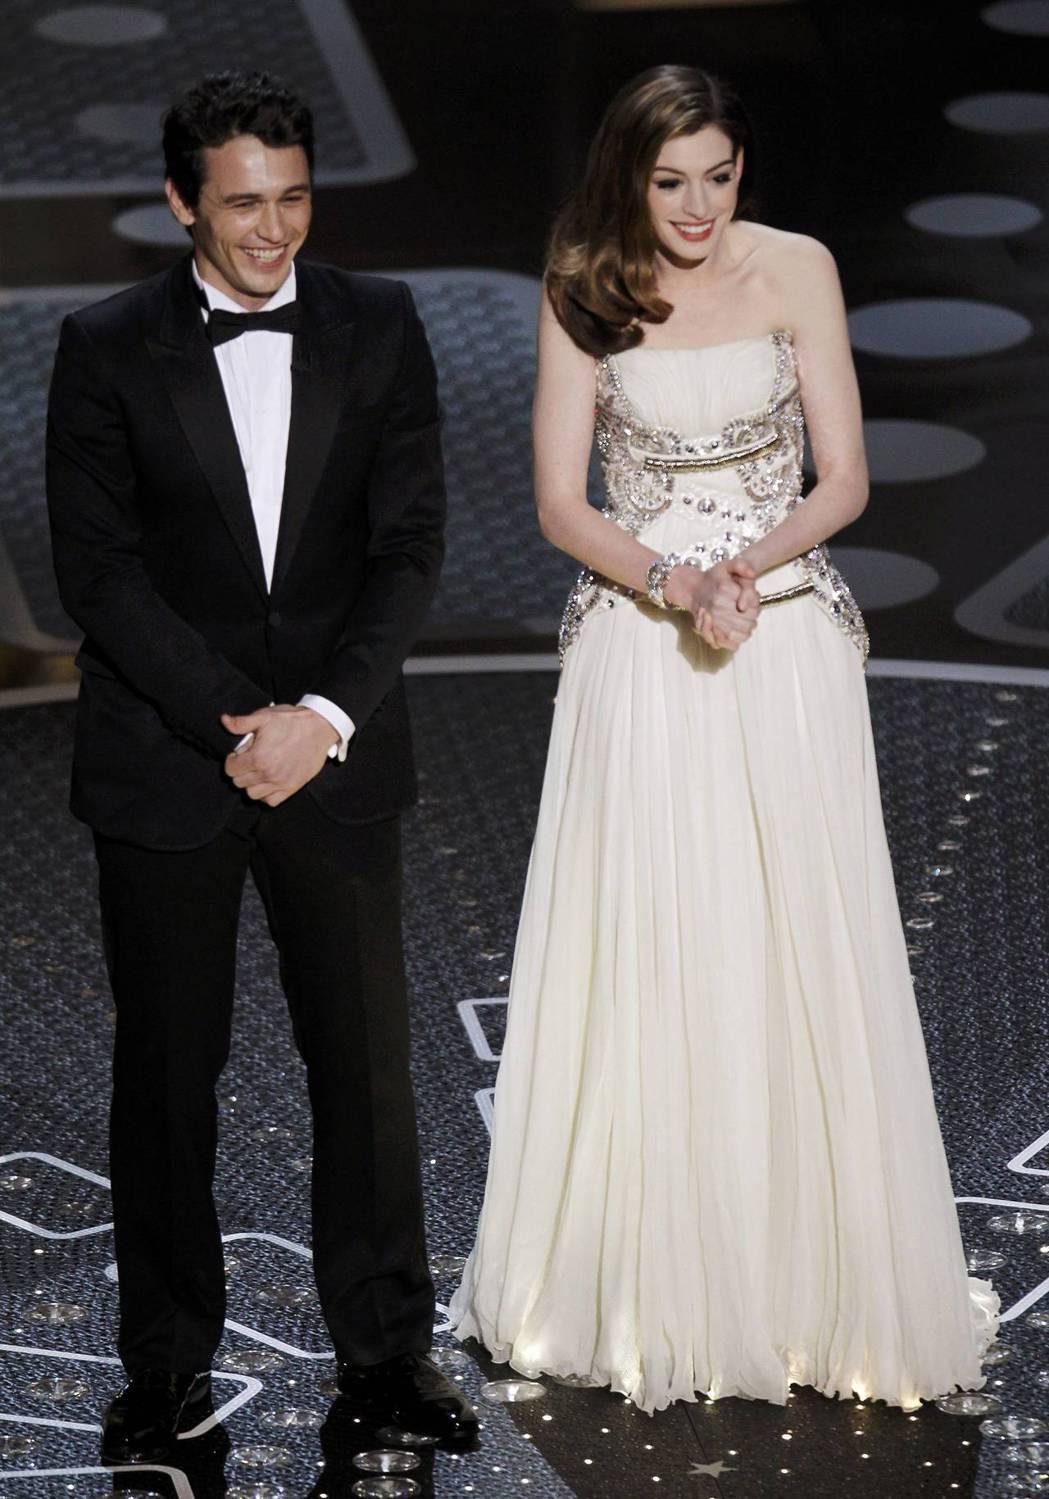 詹姆斯法蘭柯與安海瑟薇被公認是史上最差的奧斯卡頒獎典禮主持組合。圖/路透資料照片